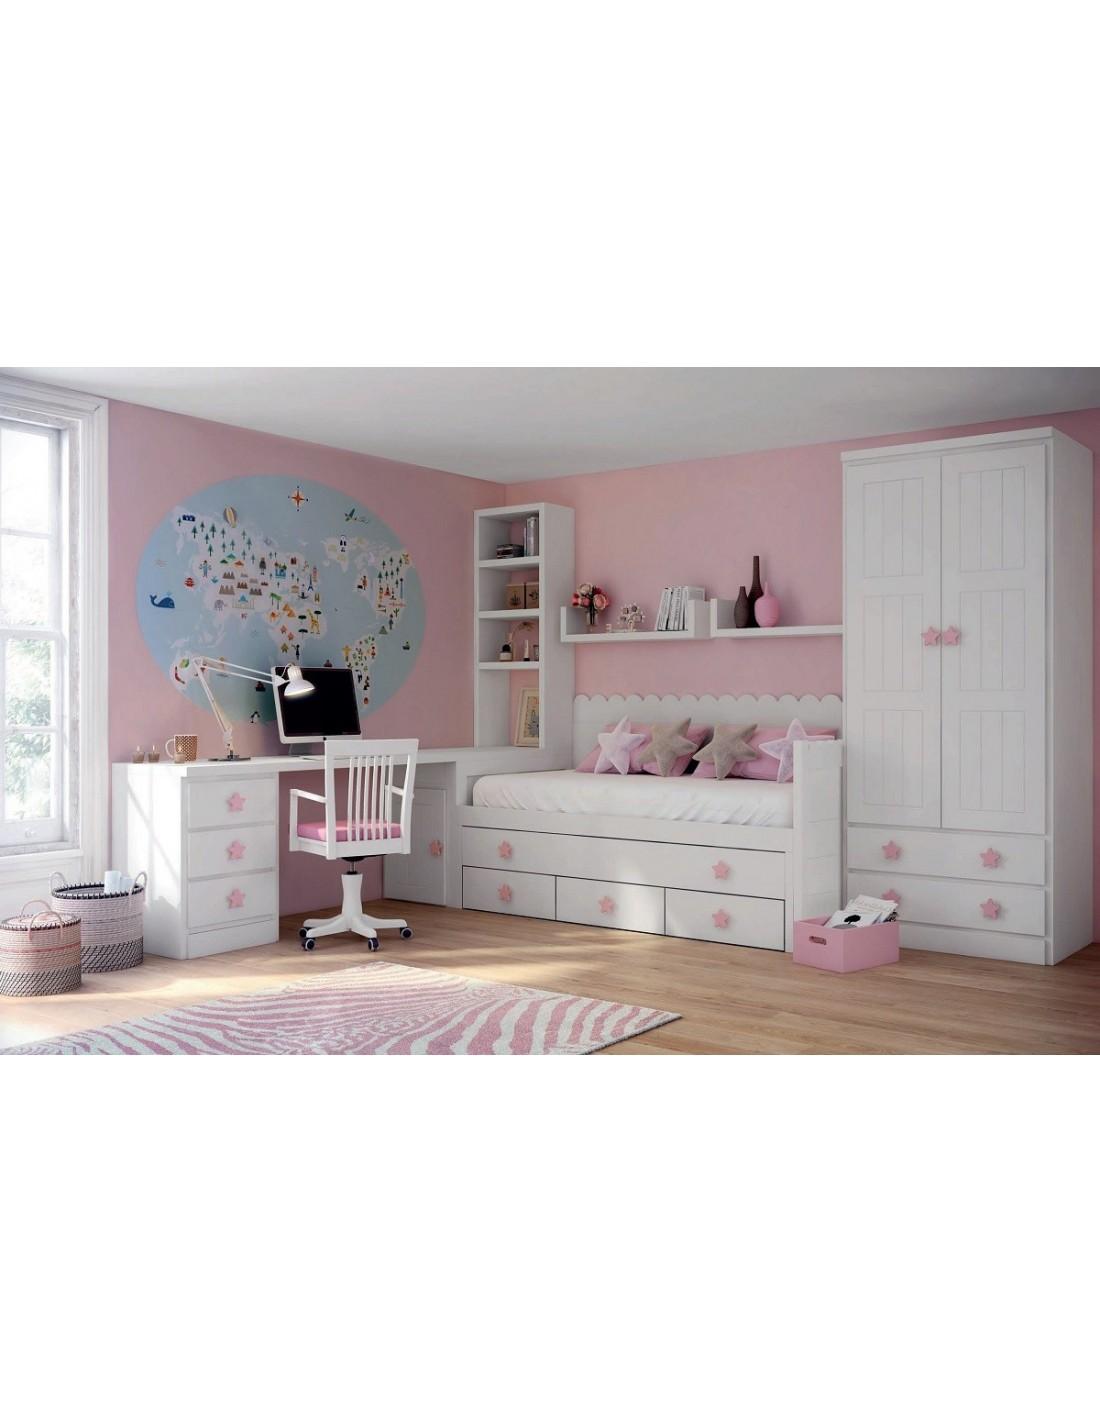 422 Dormitorio niñas Madrid